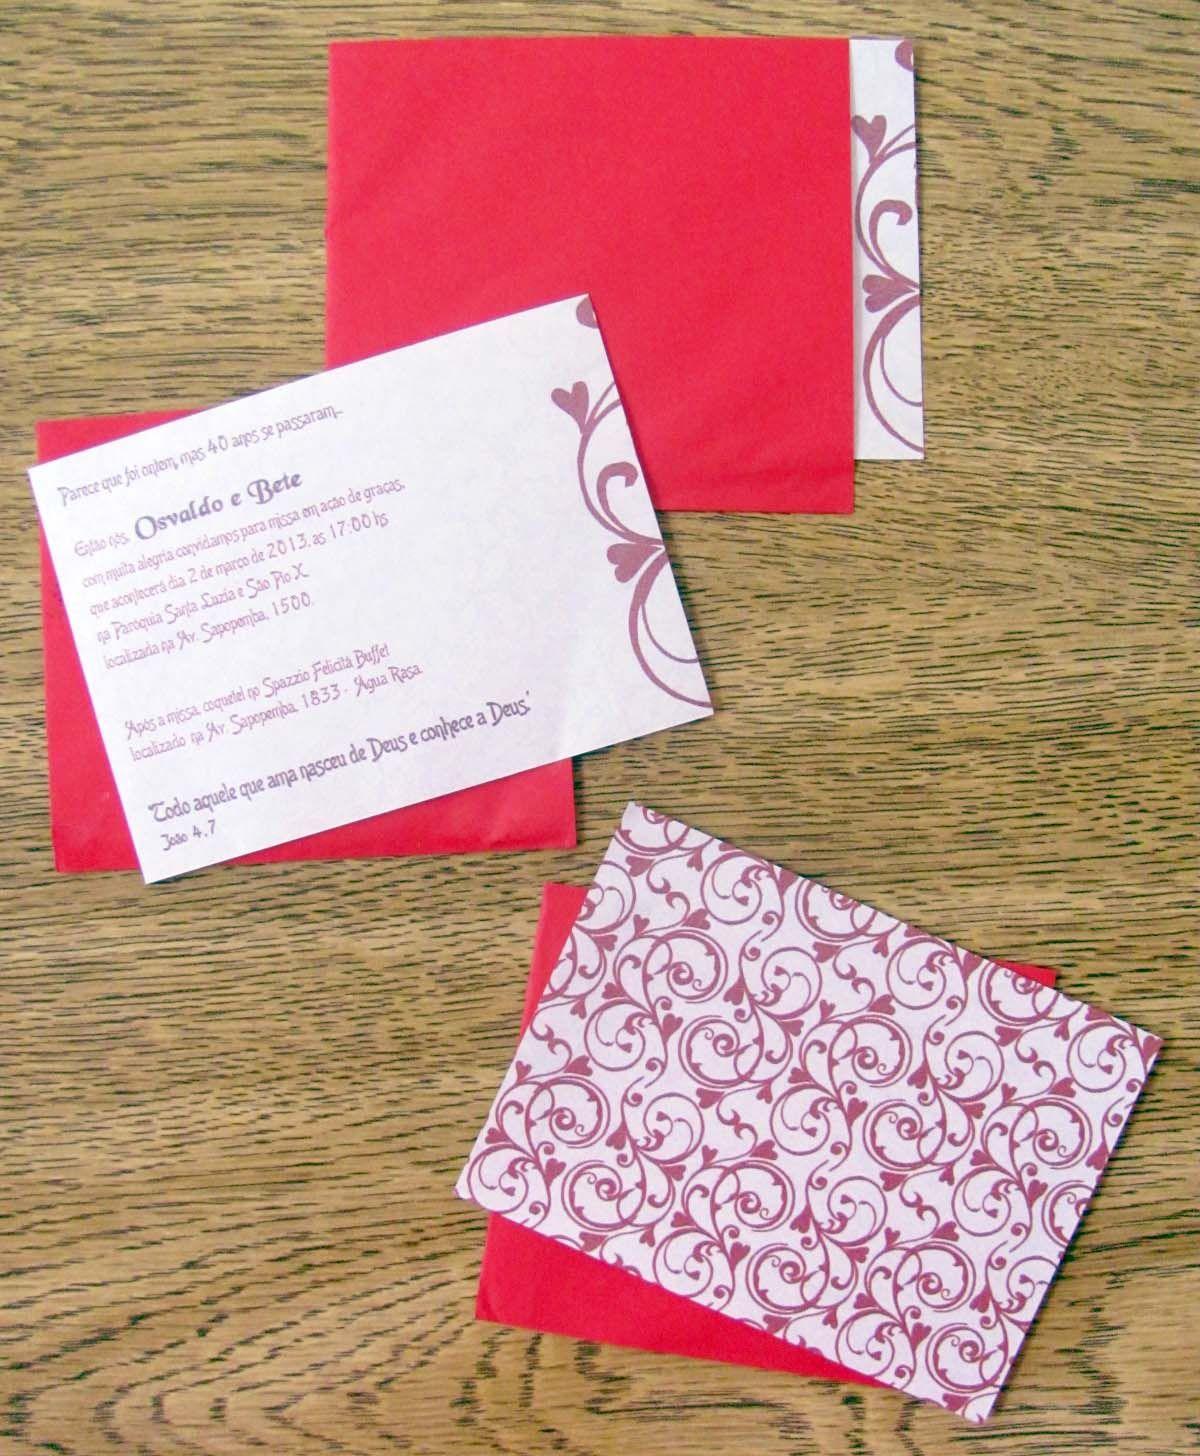 Convite bodas de rubi